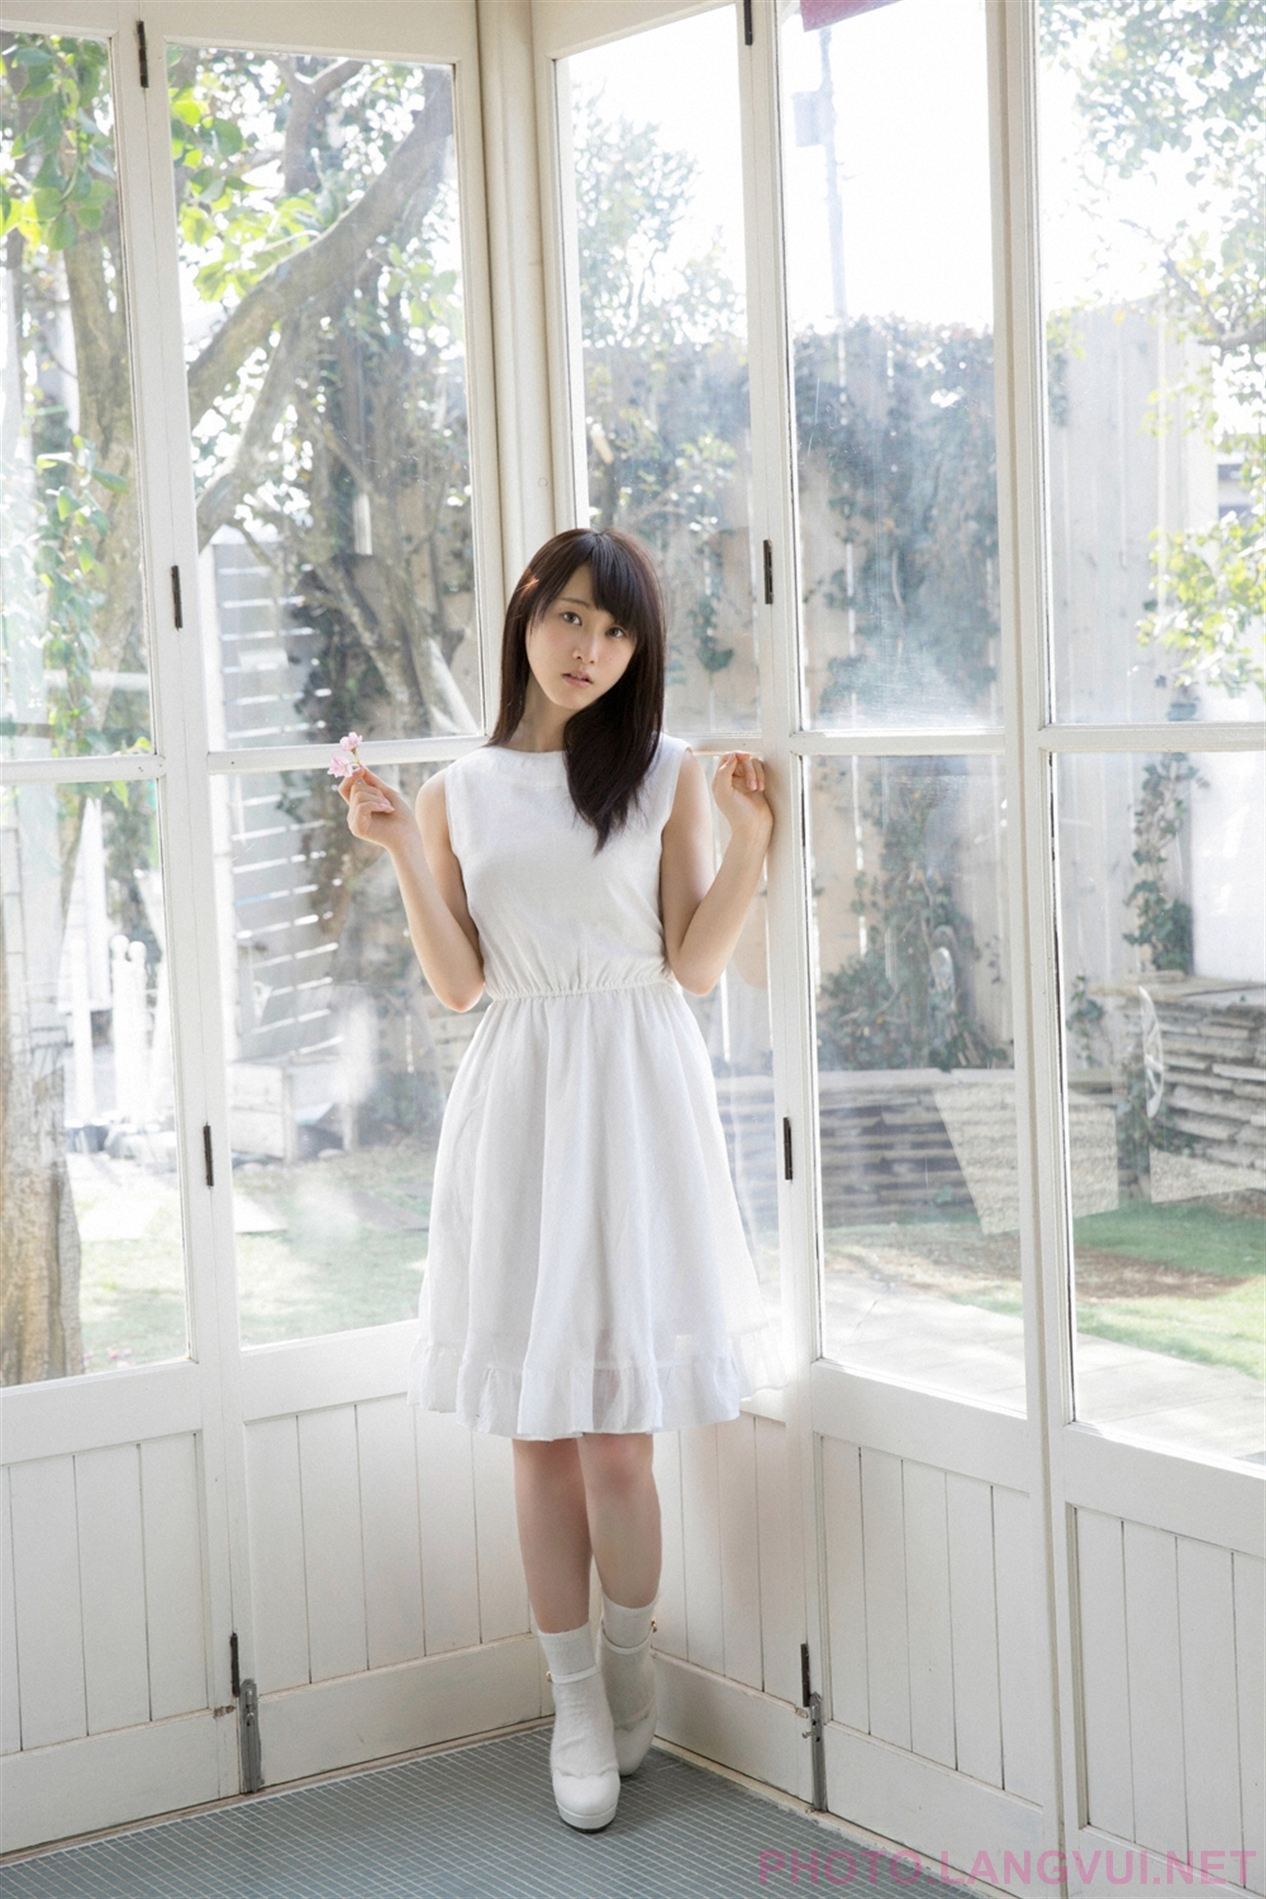 YS WEB VOL 645 Rena Matsui